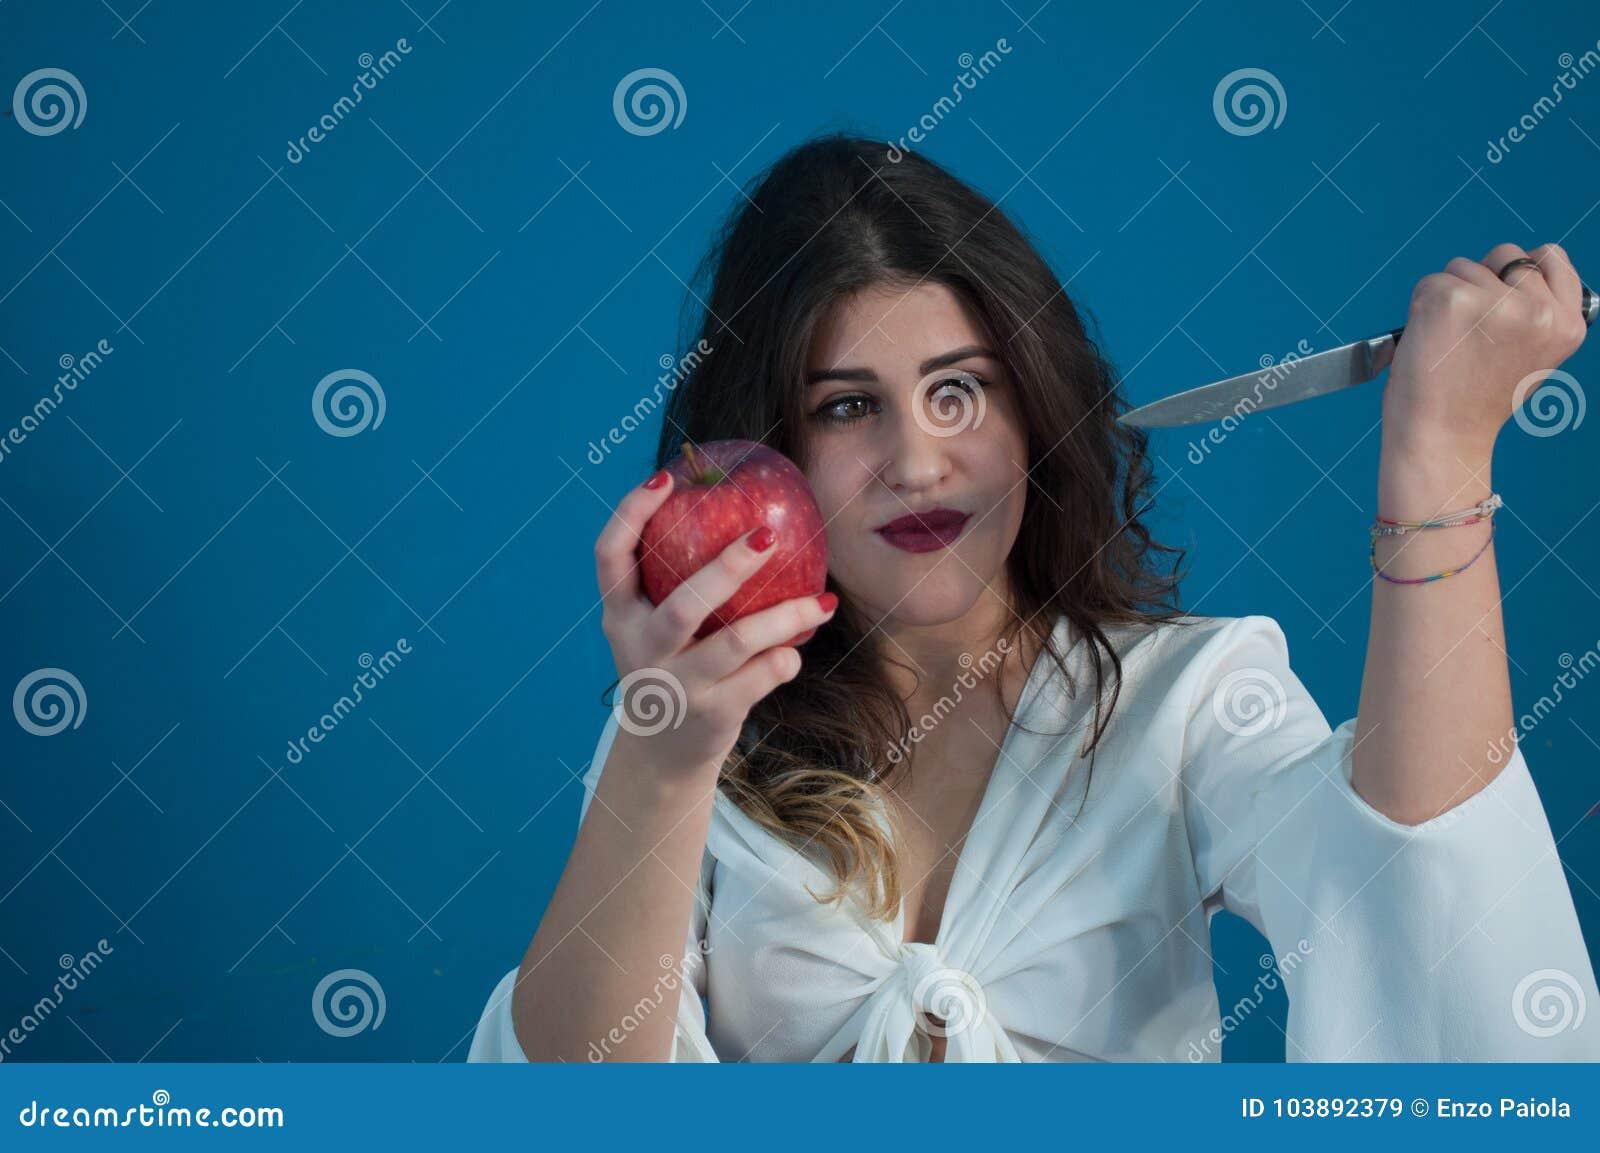 Studiofoto met leuke meisje en appel